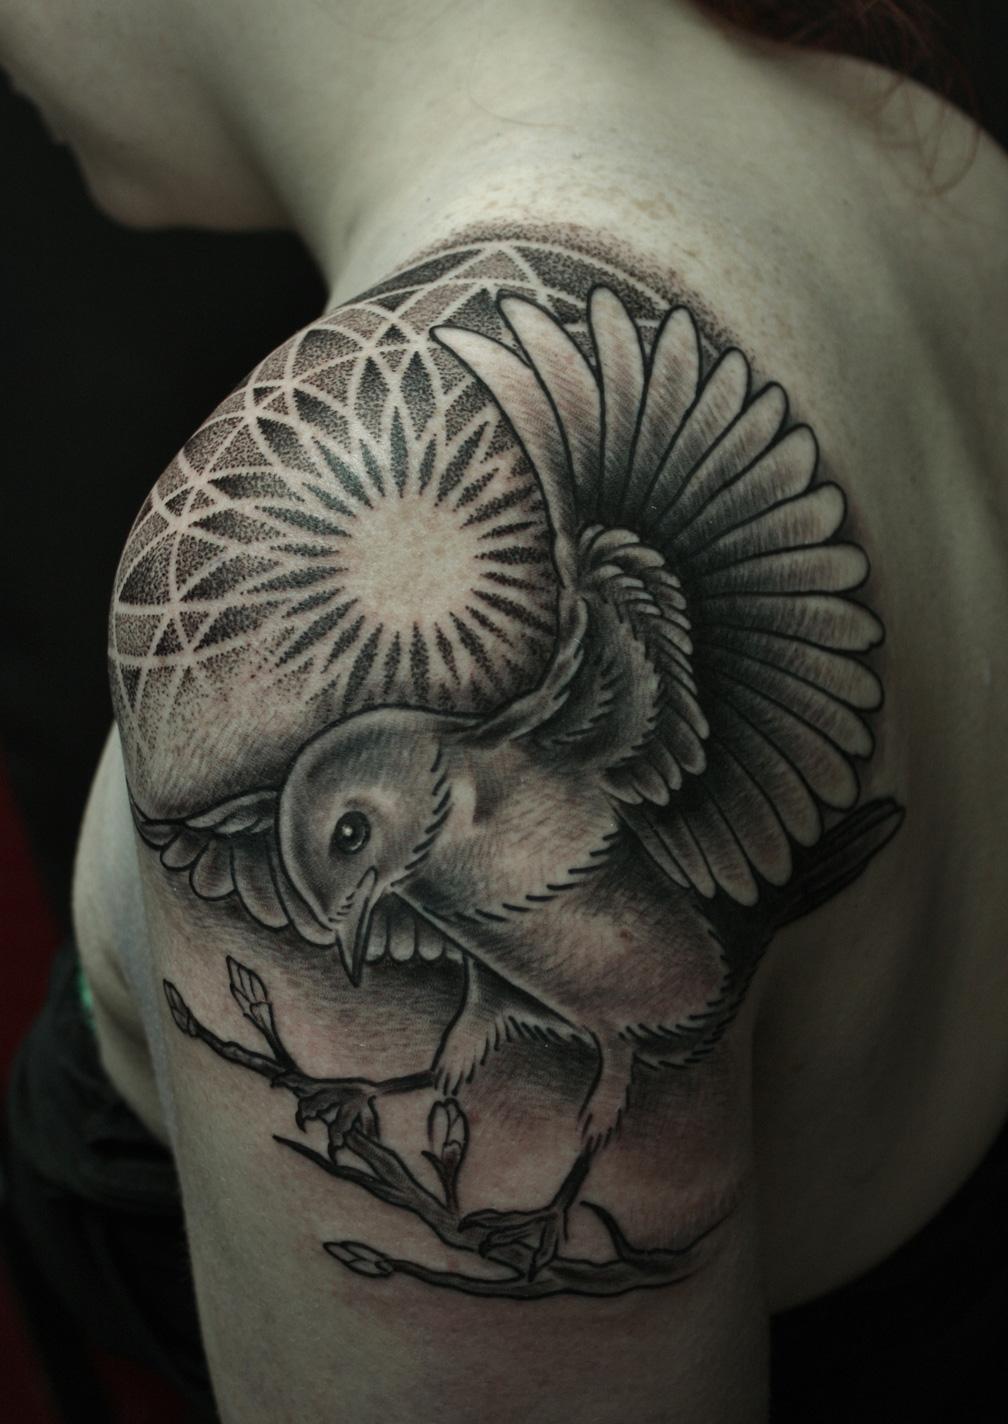 Flower Mandala Tattoo Meaning Mandala Flowers Tattoos on